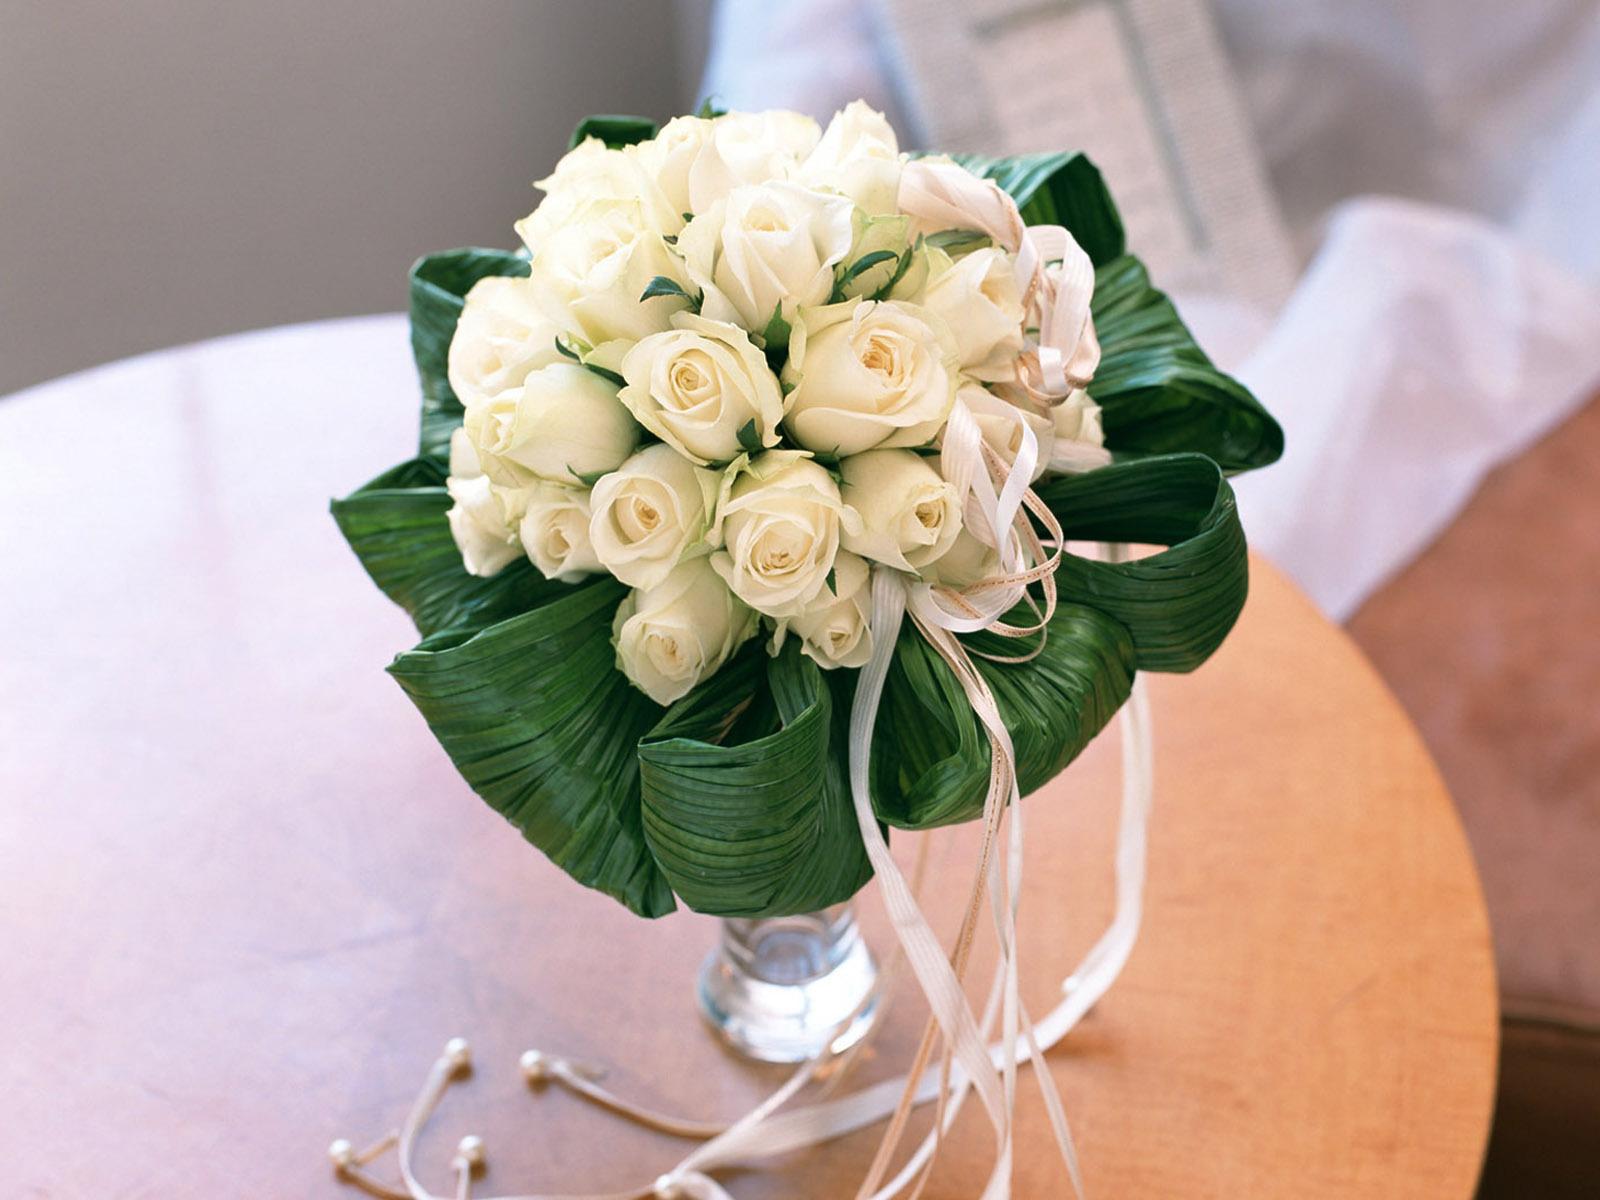 12533 Hintergrundbild herunterladen Feiertage, Blumen, Pflanzen, Roses, Bouquets, Hochzeit - Bildschirmschoner und Bilder kostenlos